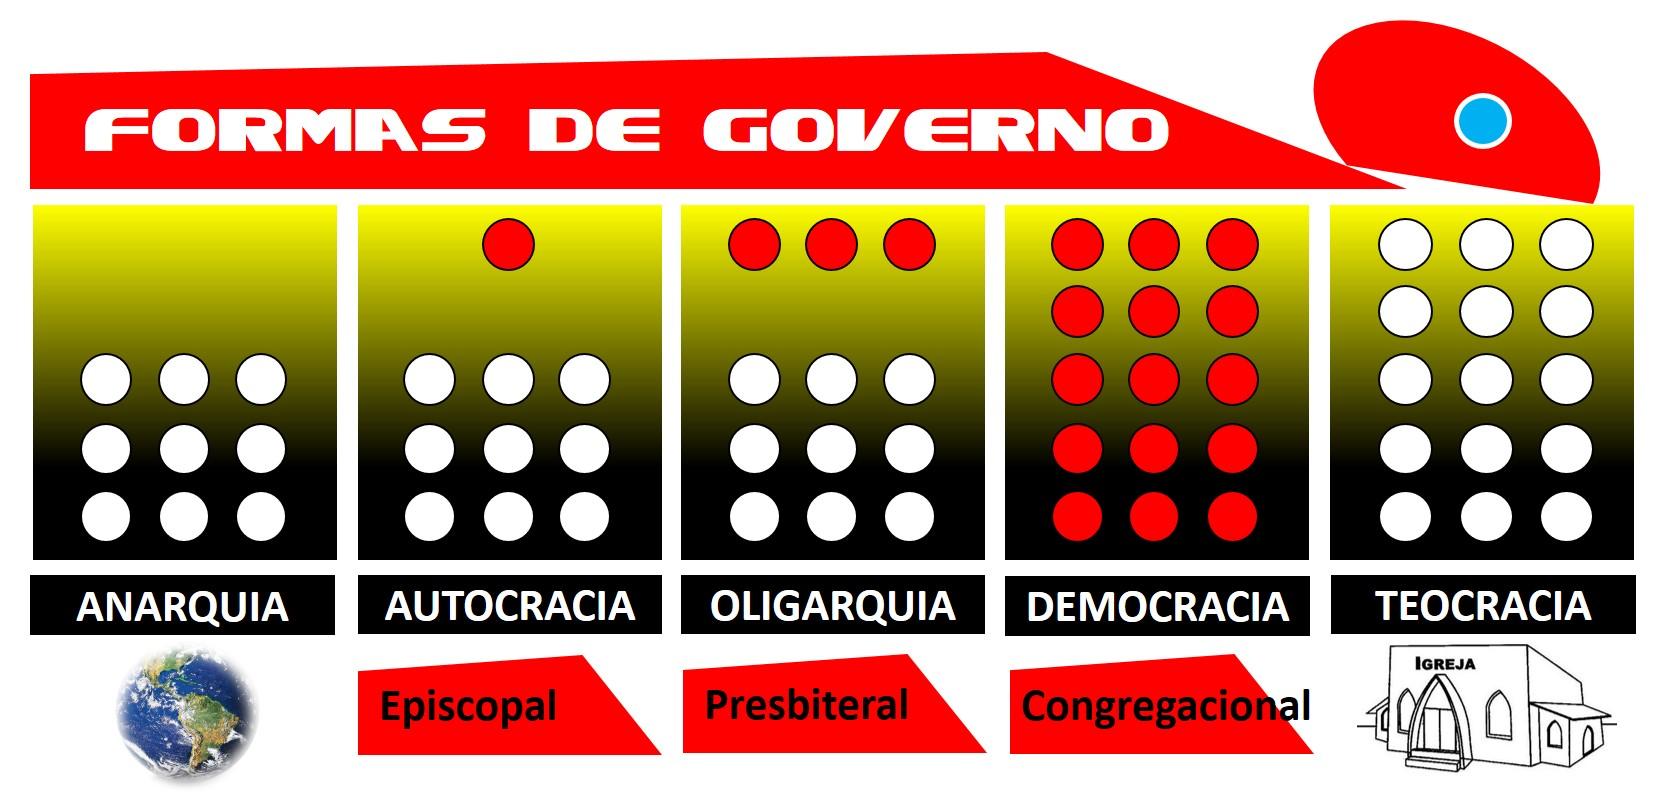 Formas de Governo